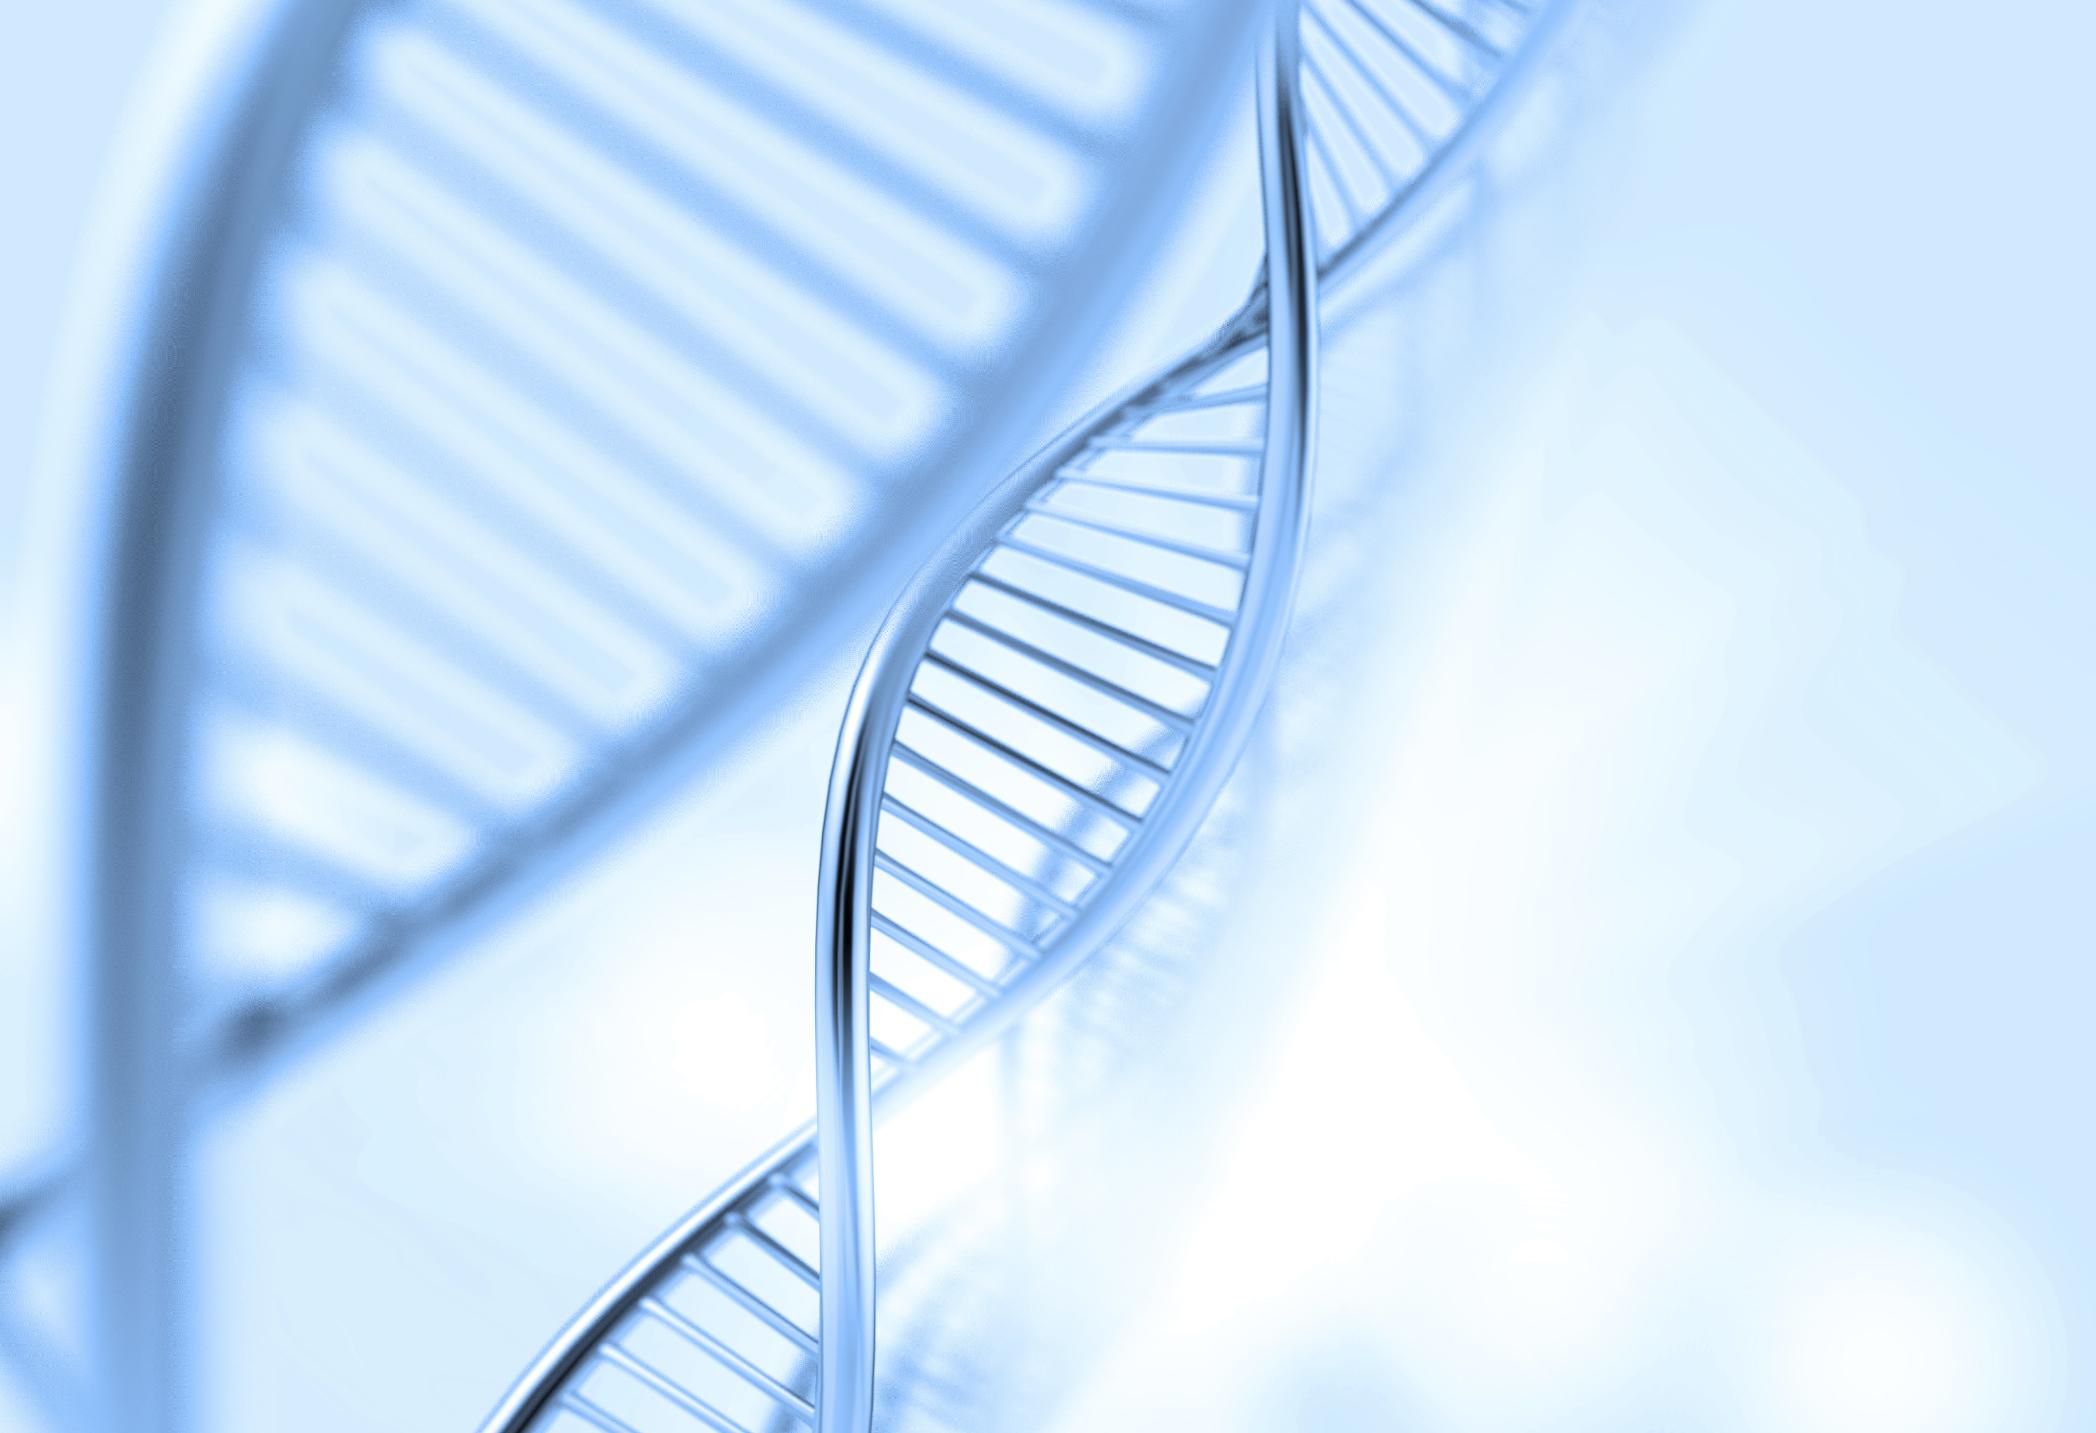 Компьютеры на основе ДНК могут быть созданы уже скоро